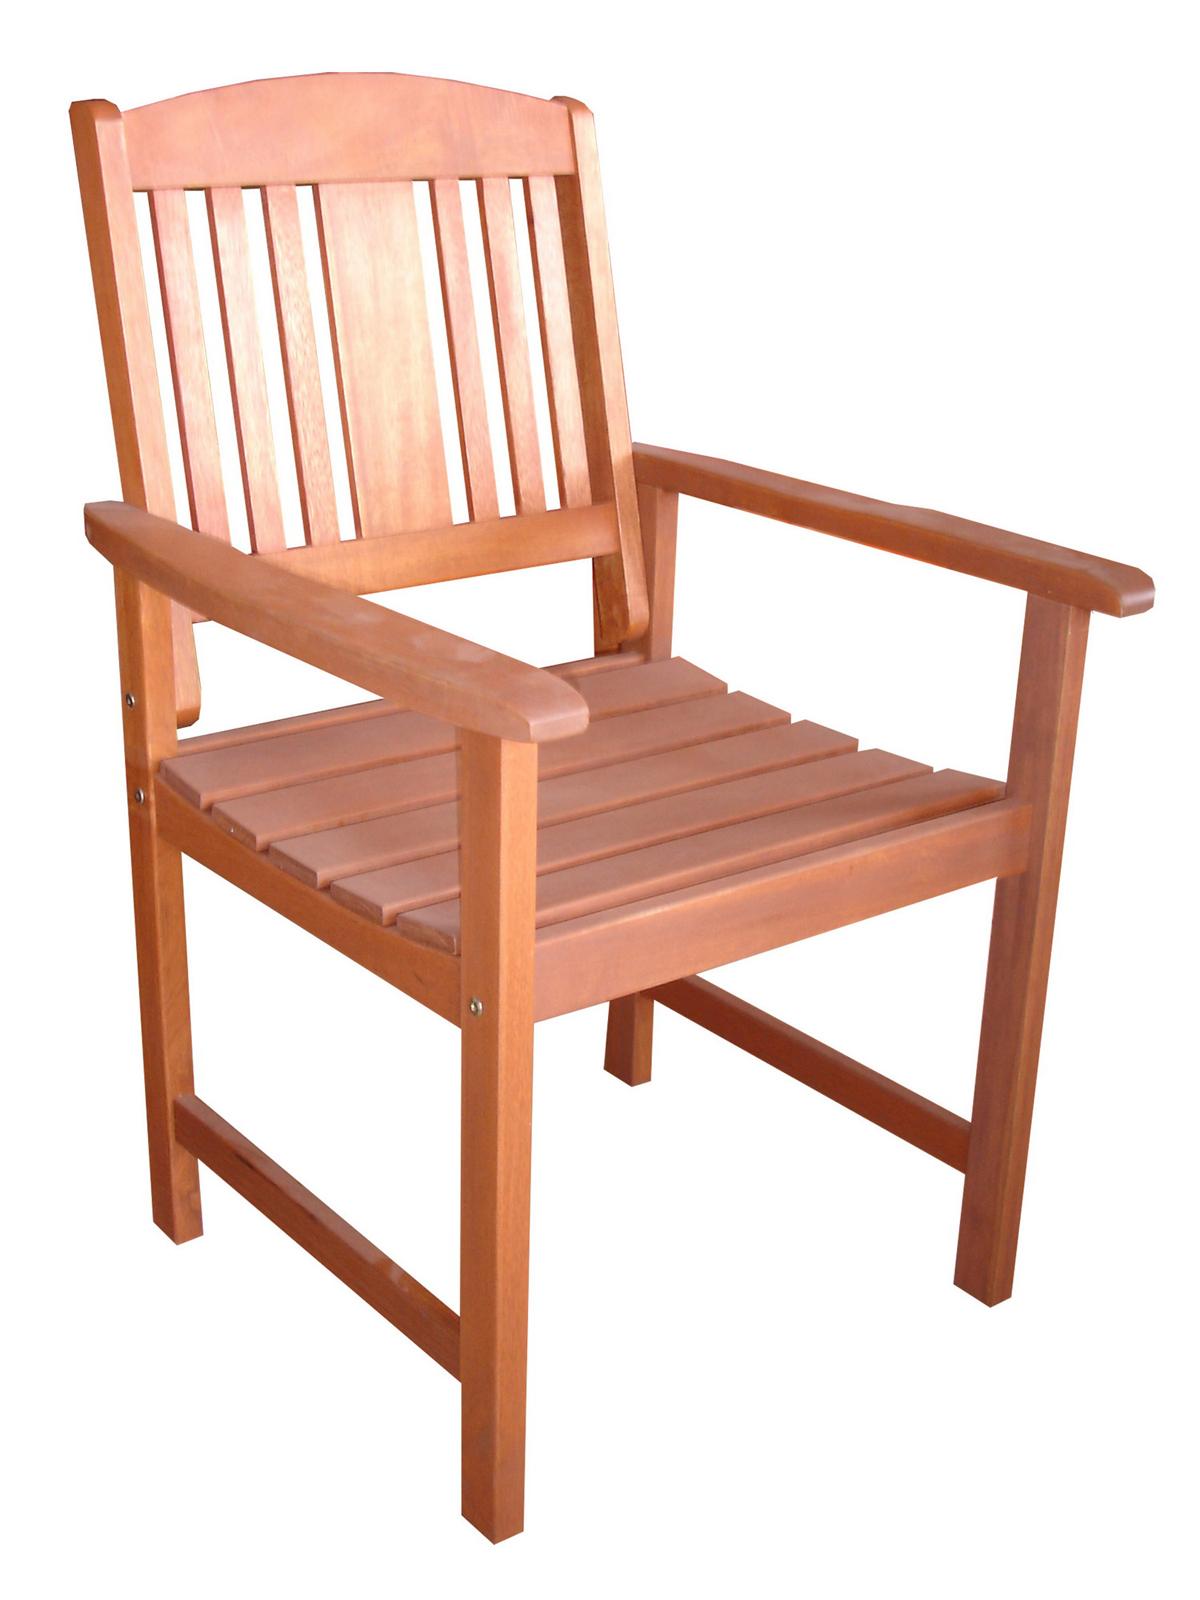 Záhradná stolička - Hecht - Weekend 88288 (meranti)